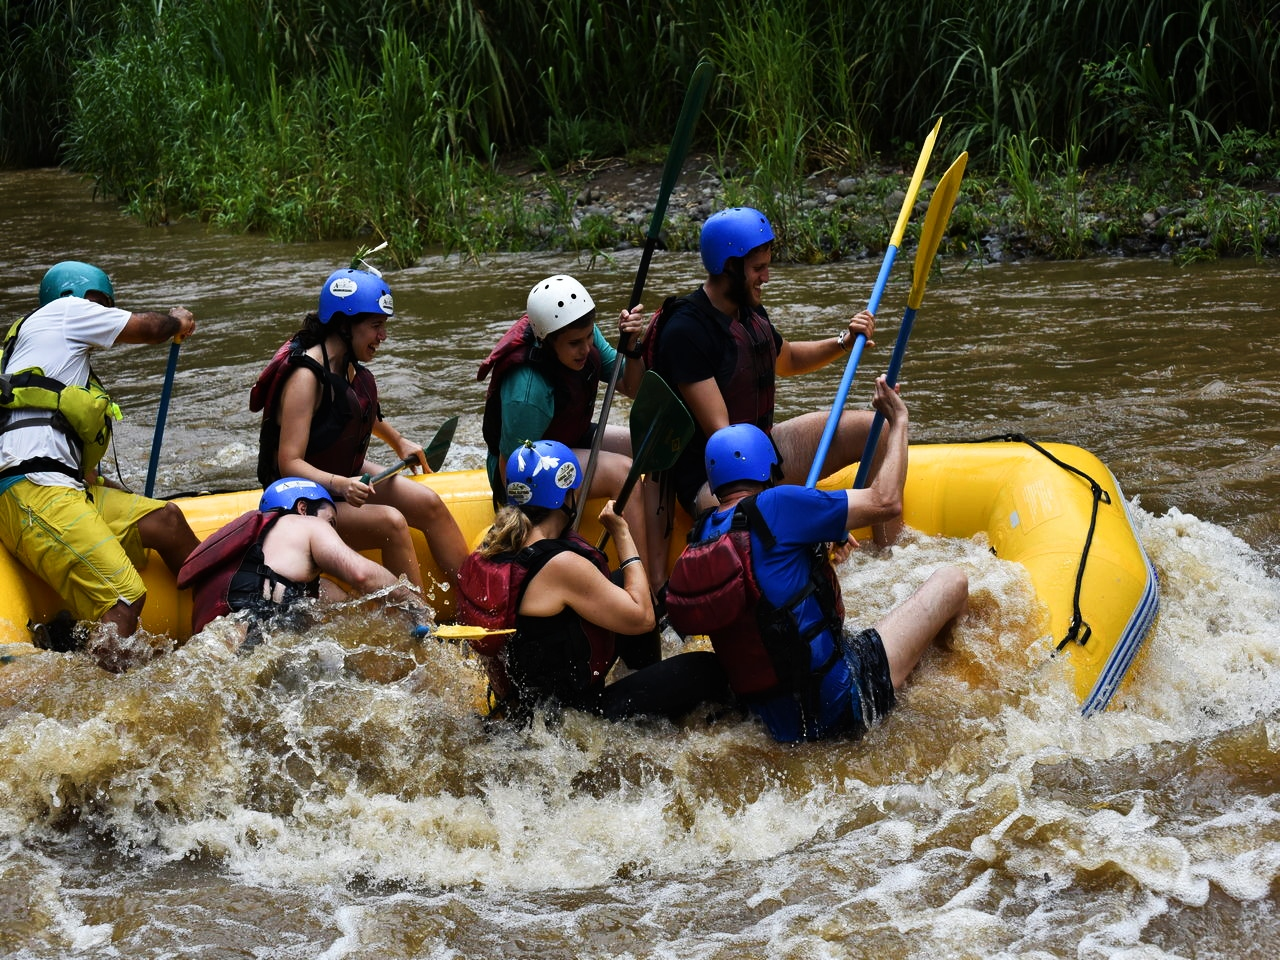 ¡Ay, que volcamos! Pura adrenalina haciendo rafting en Arenal.